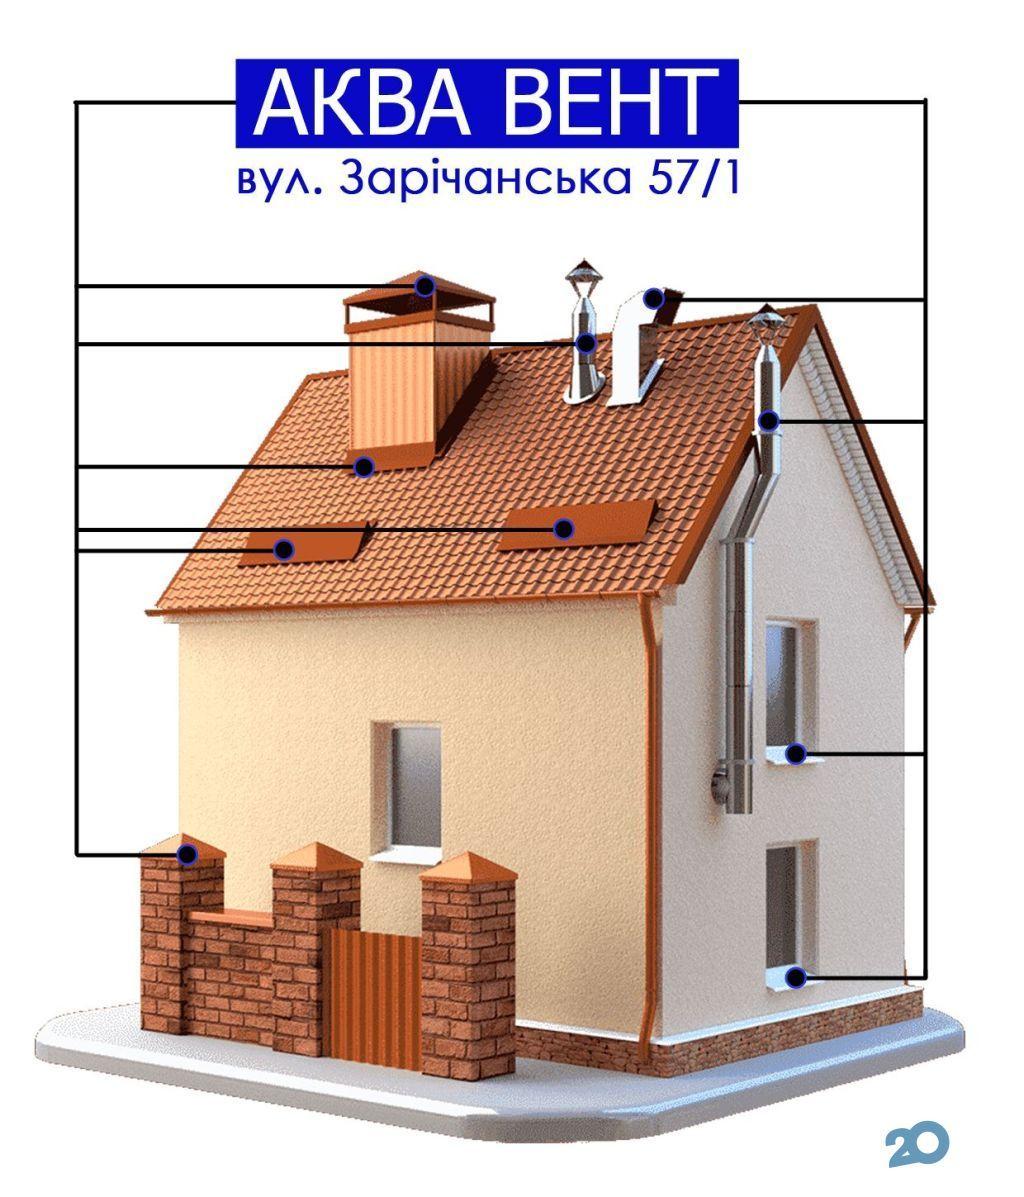 Аква Вент, магазин сантехніки, опалення, вентиляції та кондиціонування - фото 3